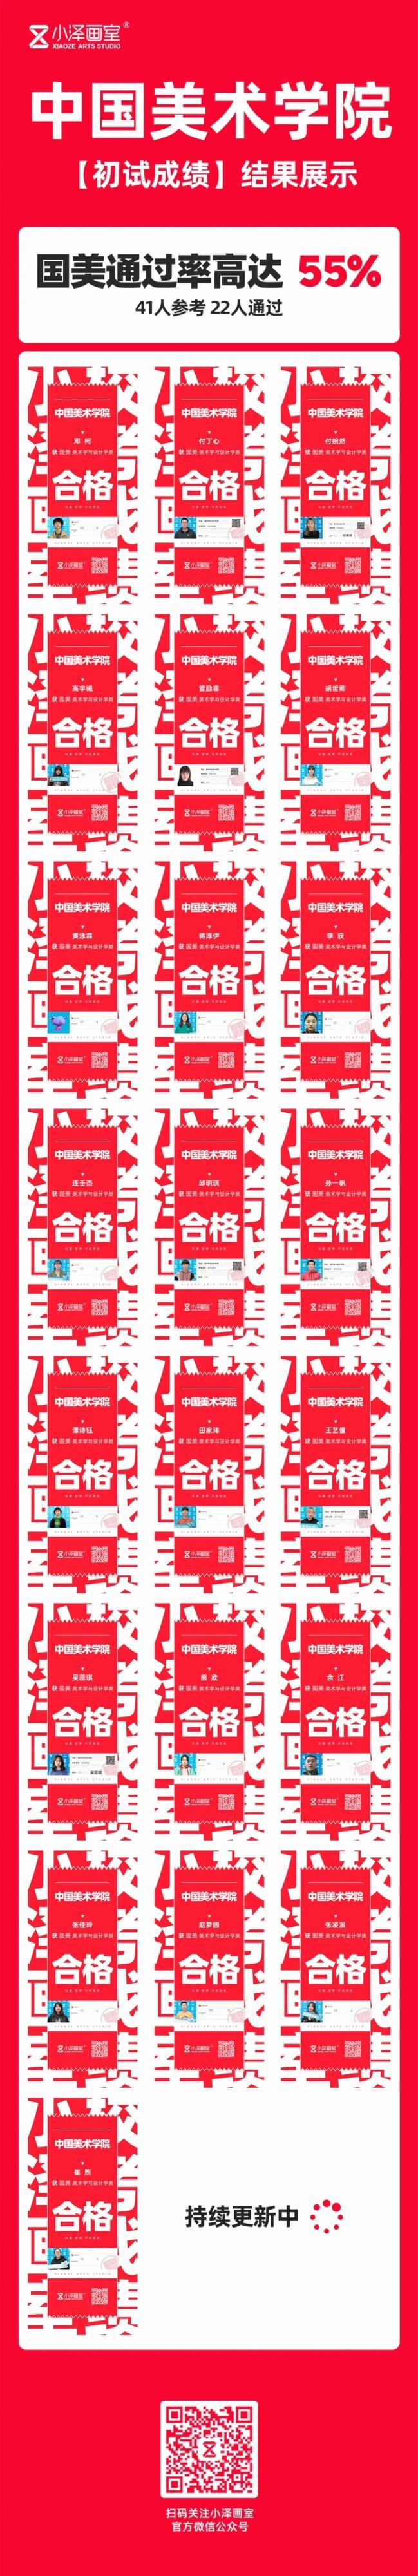 中国美术学院,北京画室,画室成绩